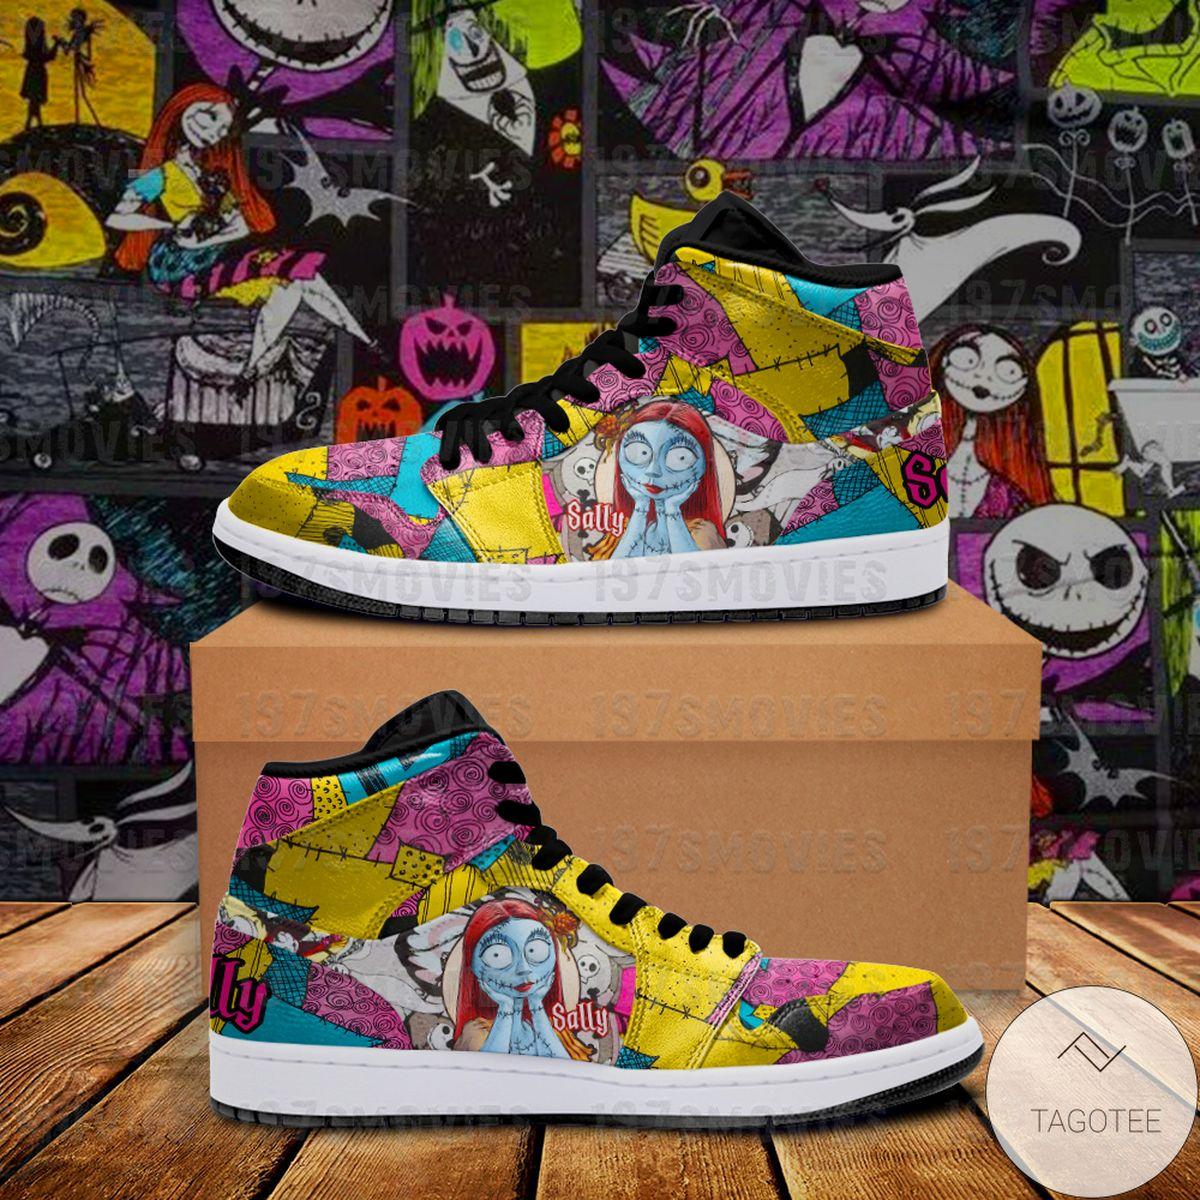 Best Shop Sally Jack Skellington The Nightmare Before Christmas JD Sneaker Air Jordan High Top Shoes